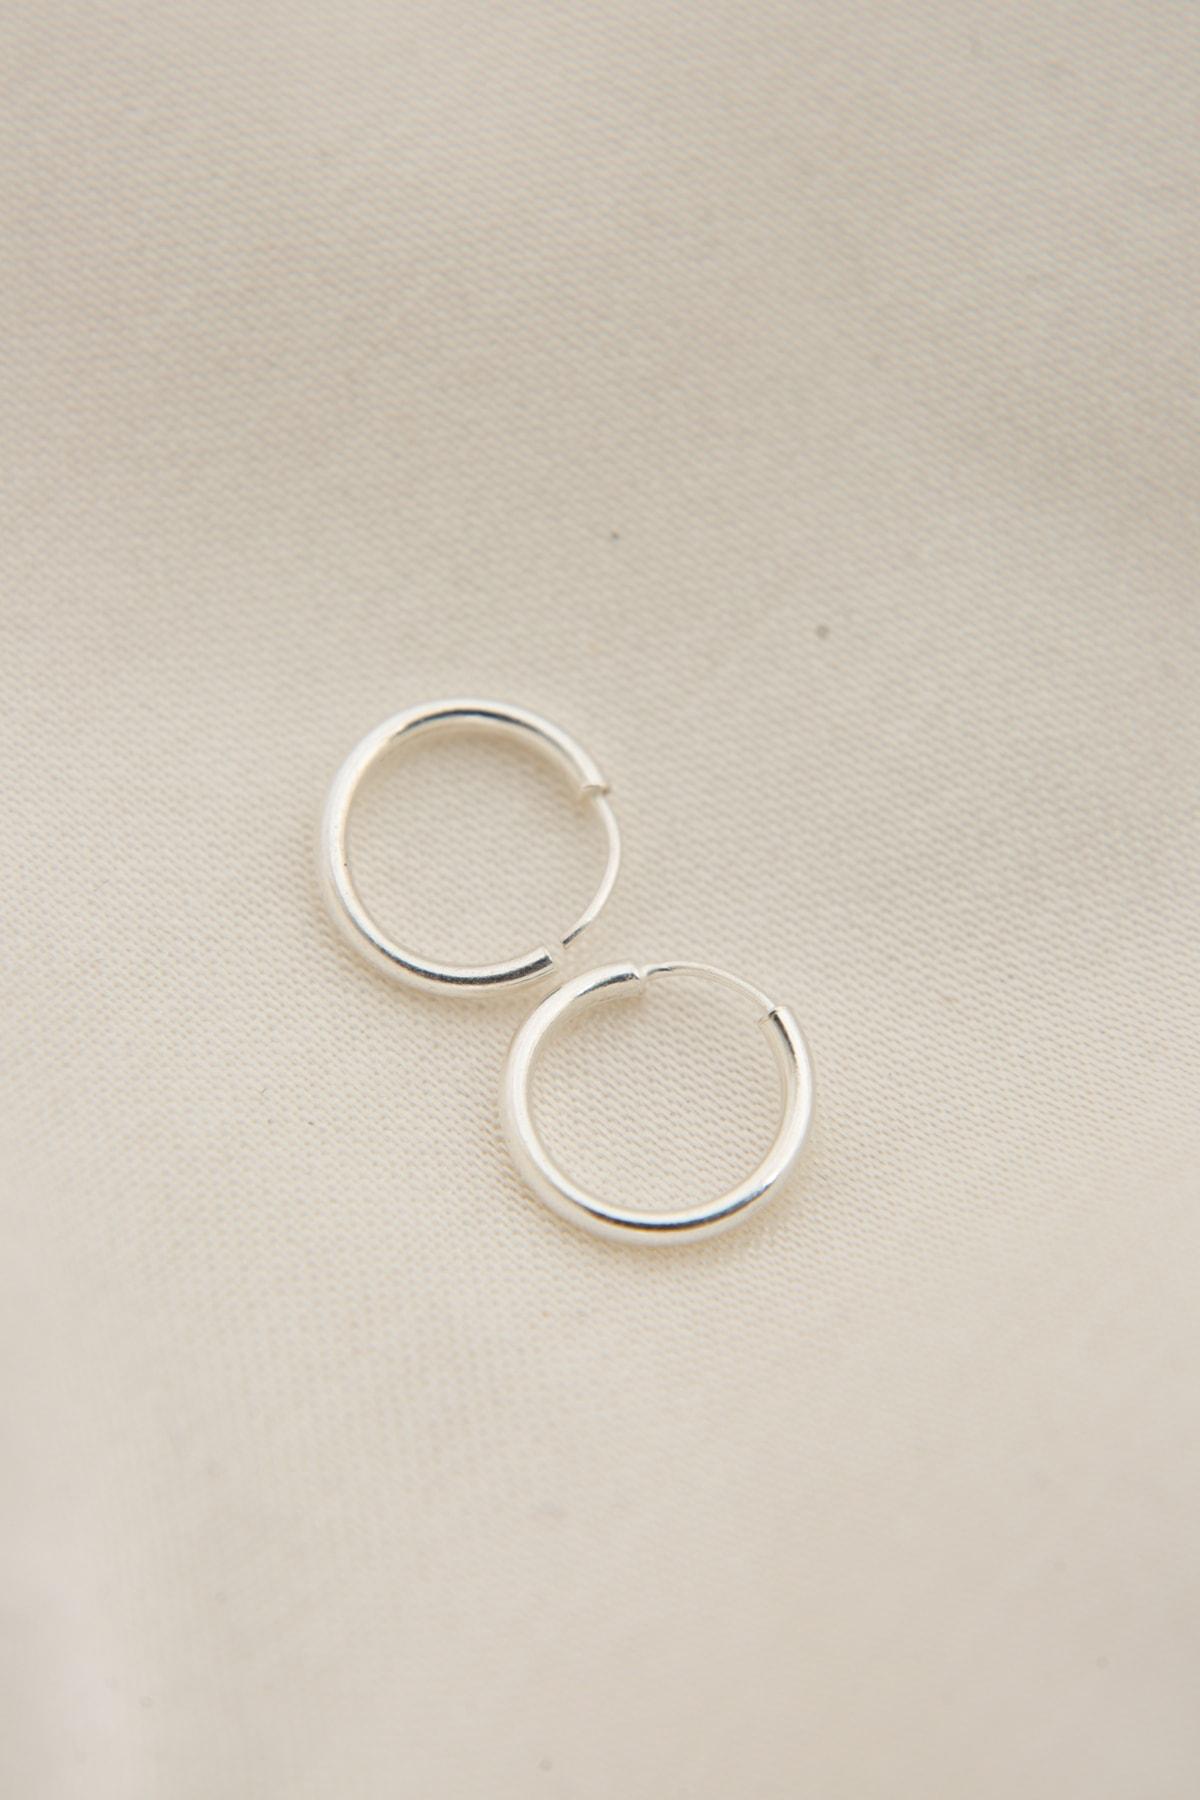 Elika Silver Kadın 925 Ayar Gümüş Minimal Küpe 1